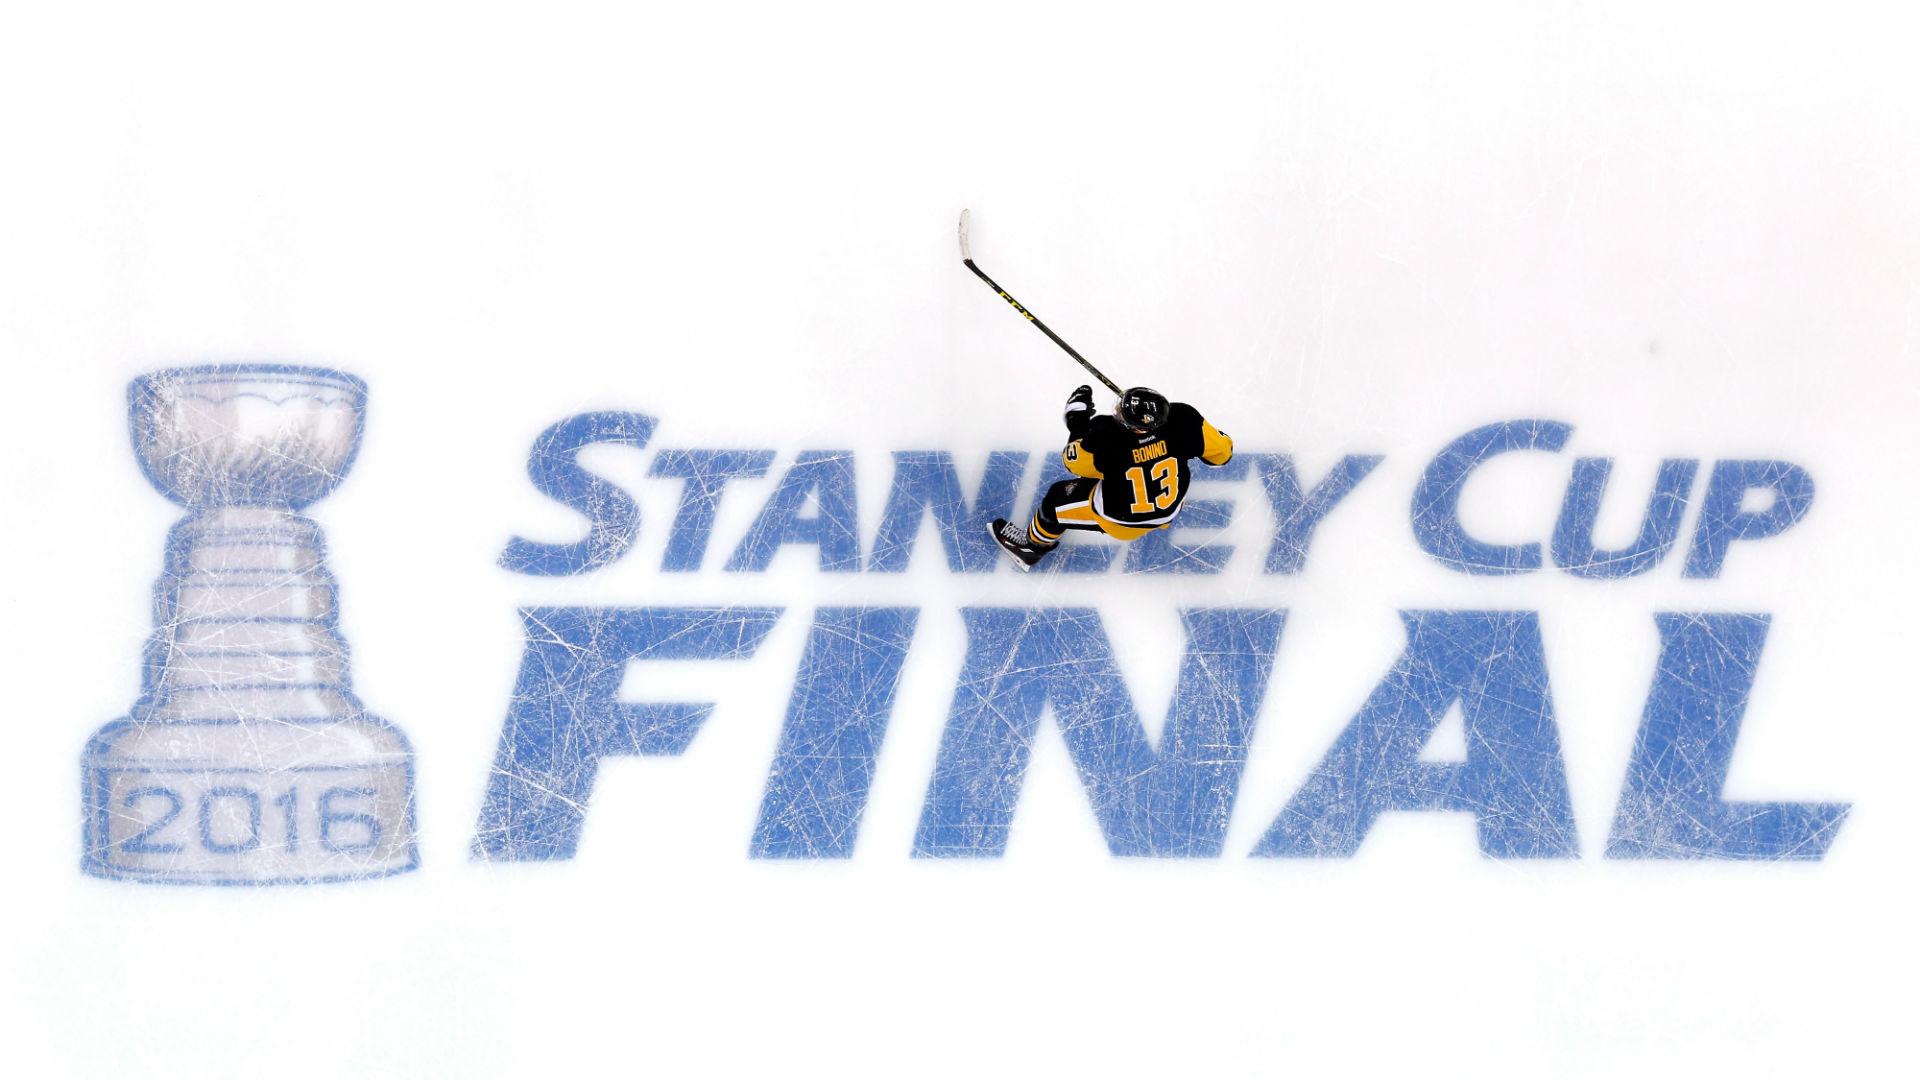 Stanley-cup-final-ftrjpg_7jbb3t48la3l1s673o14p74l8